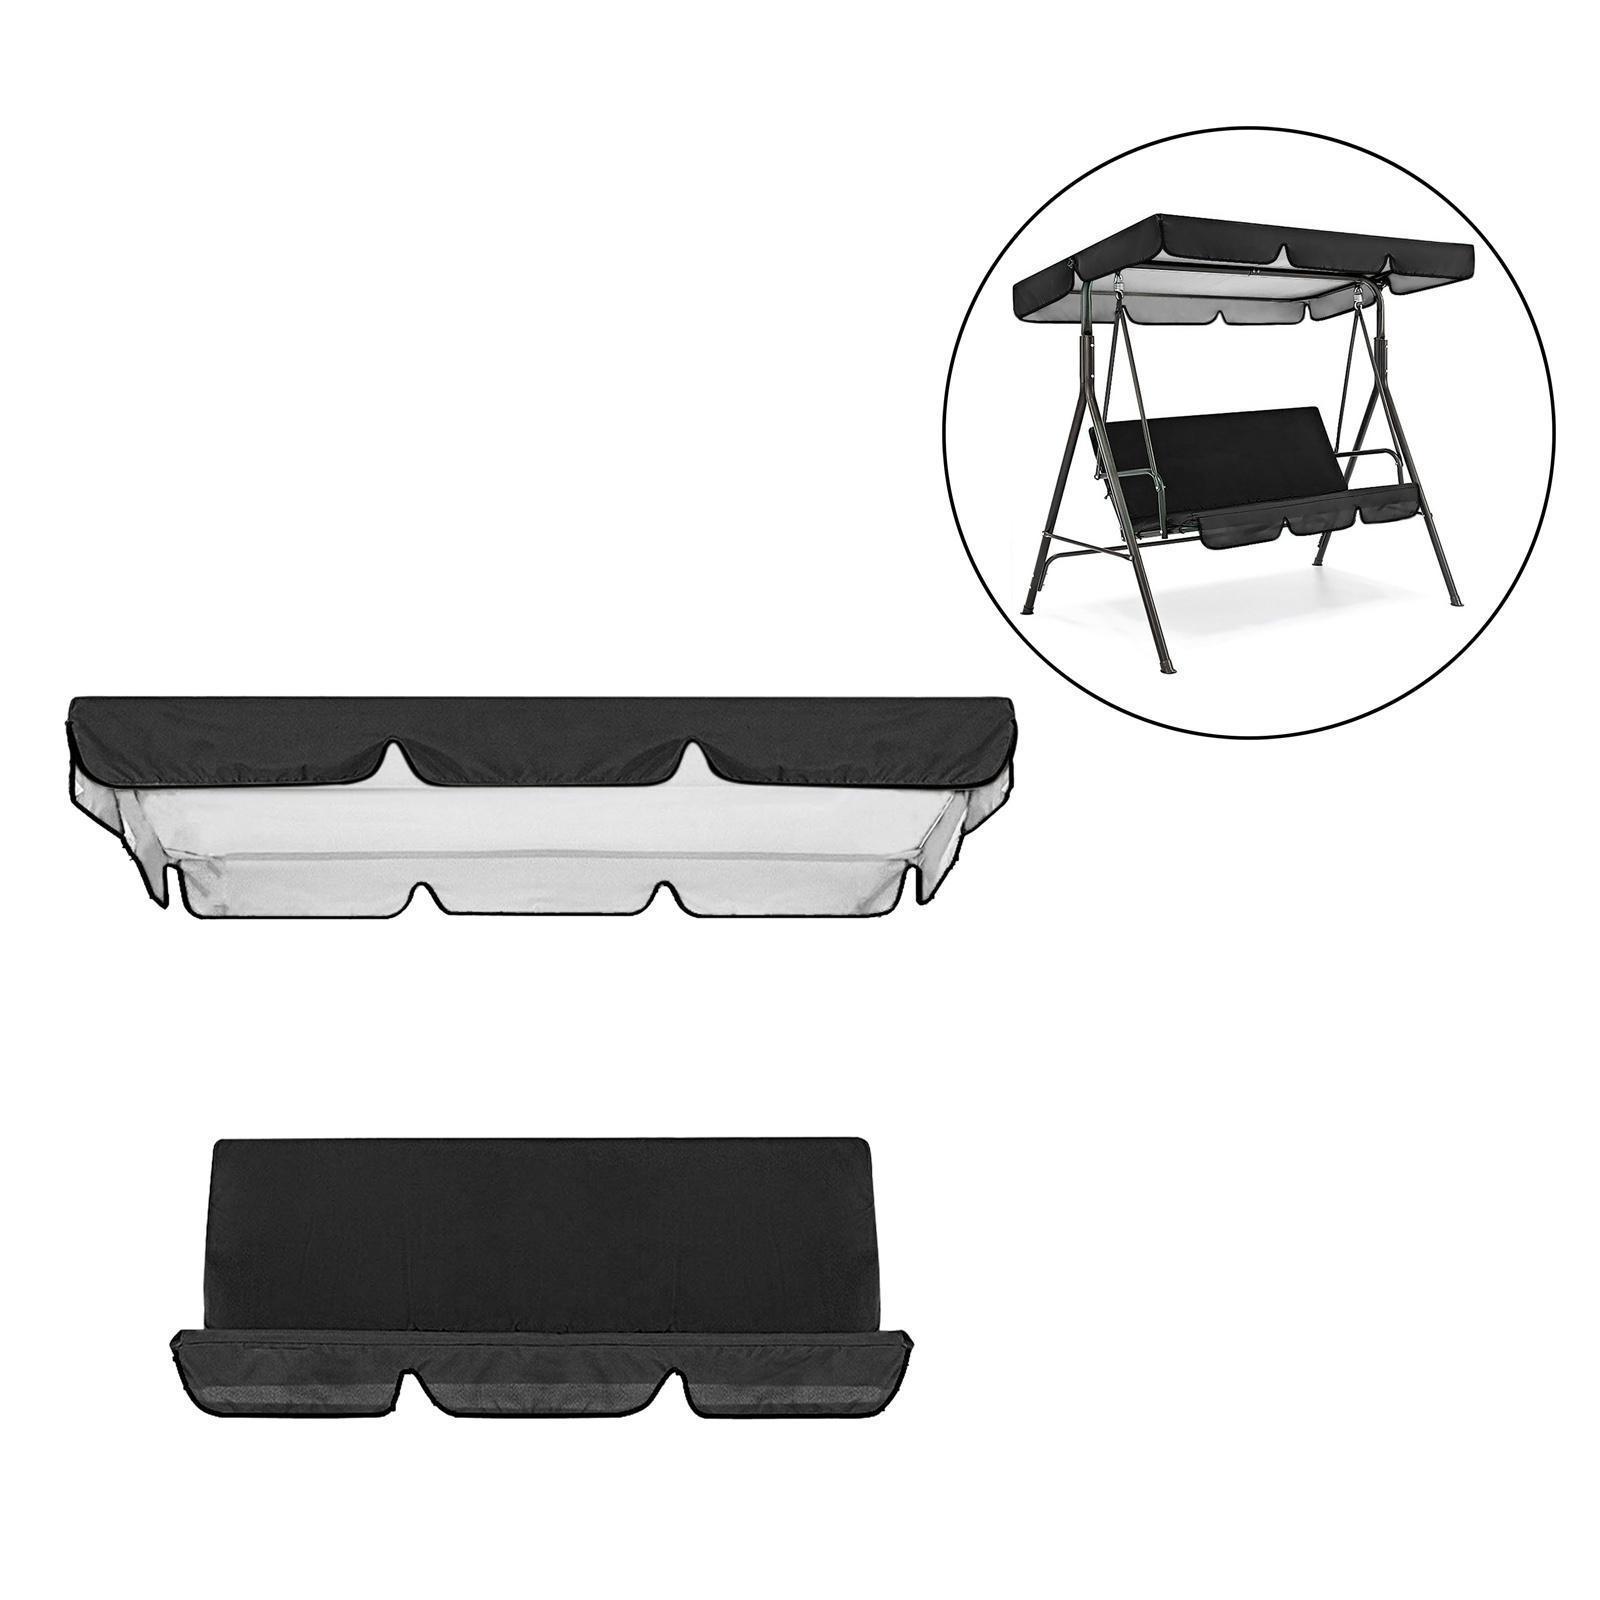 miniatura 50 - Sostituzione della copertura della sedia a dondolo da esterno per patio,